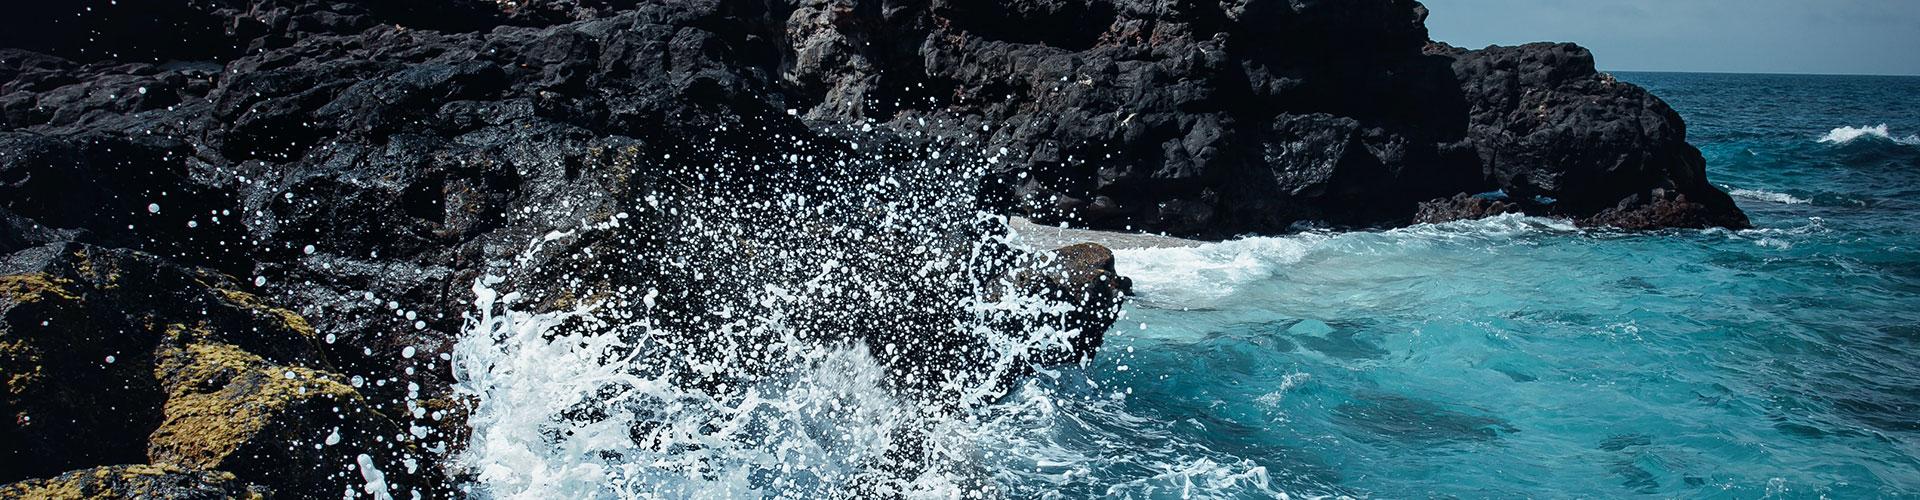 plage de la mer noire